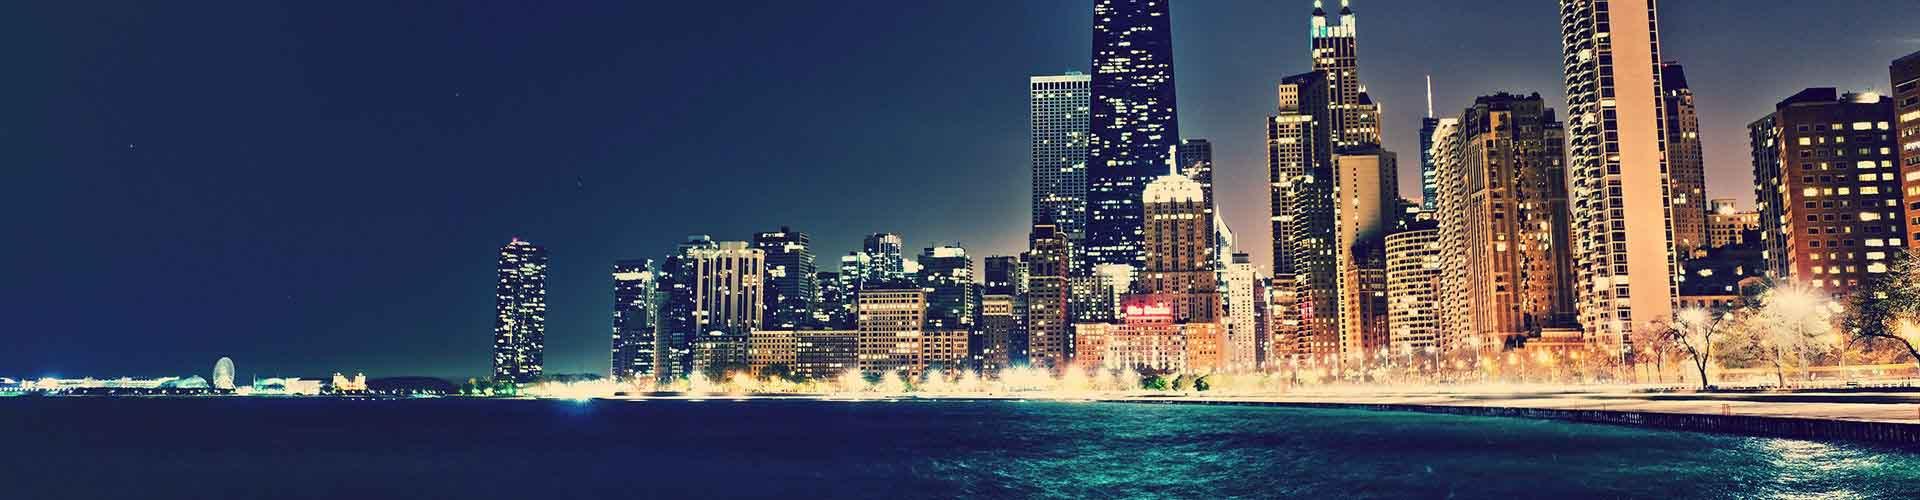 시카고 - 시카고에 있는 호스텔. 시카고의 지도, 시카고에 위치한 호스텔 사진 및 후기 정보.